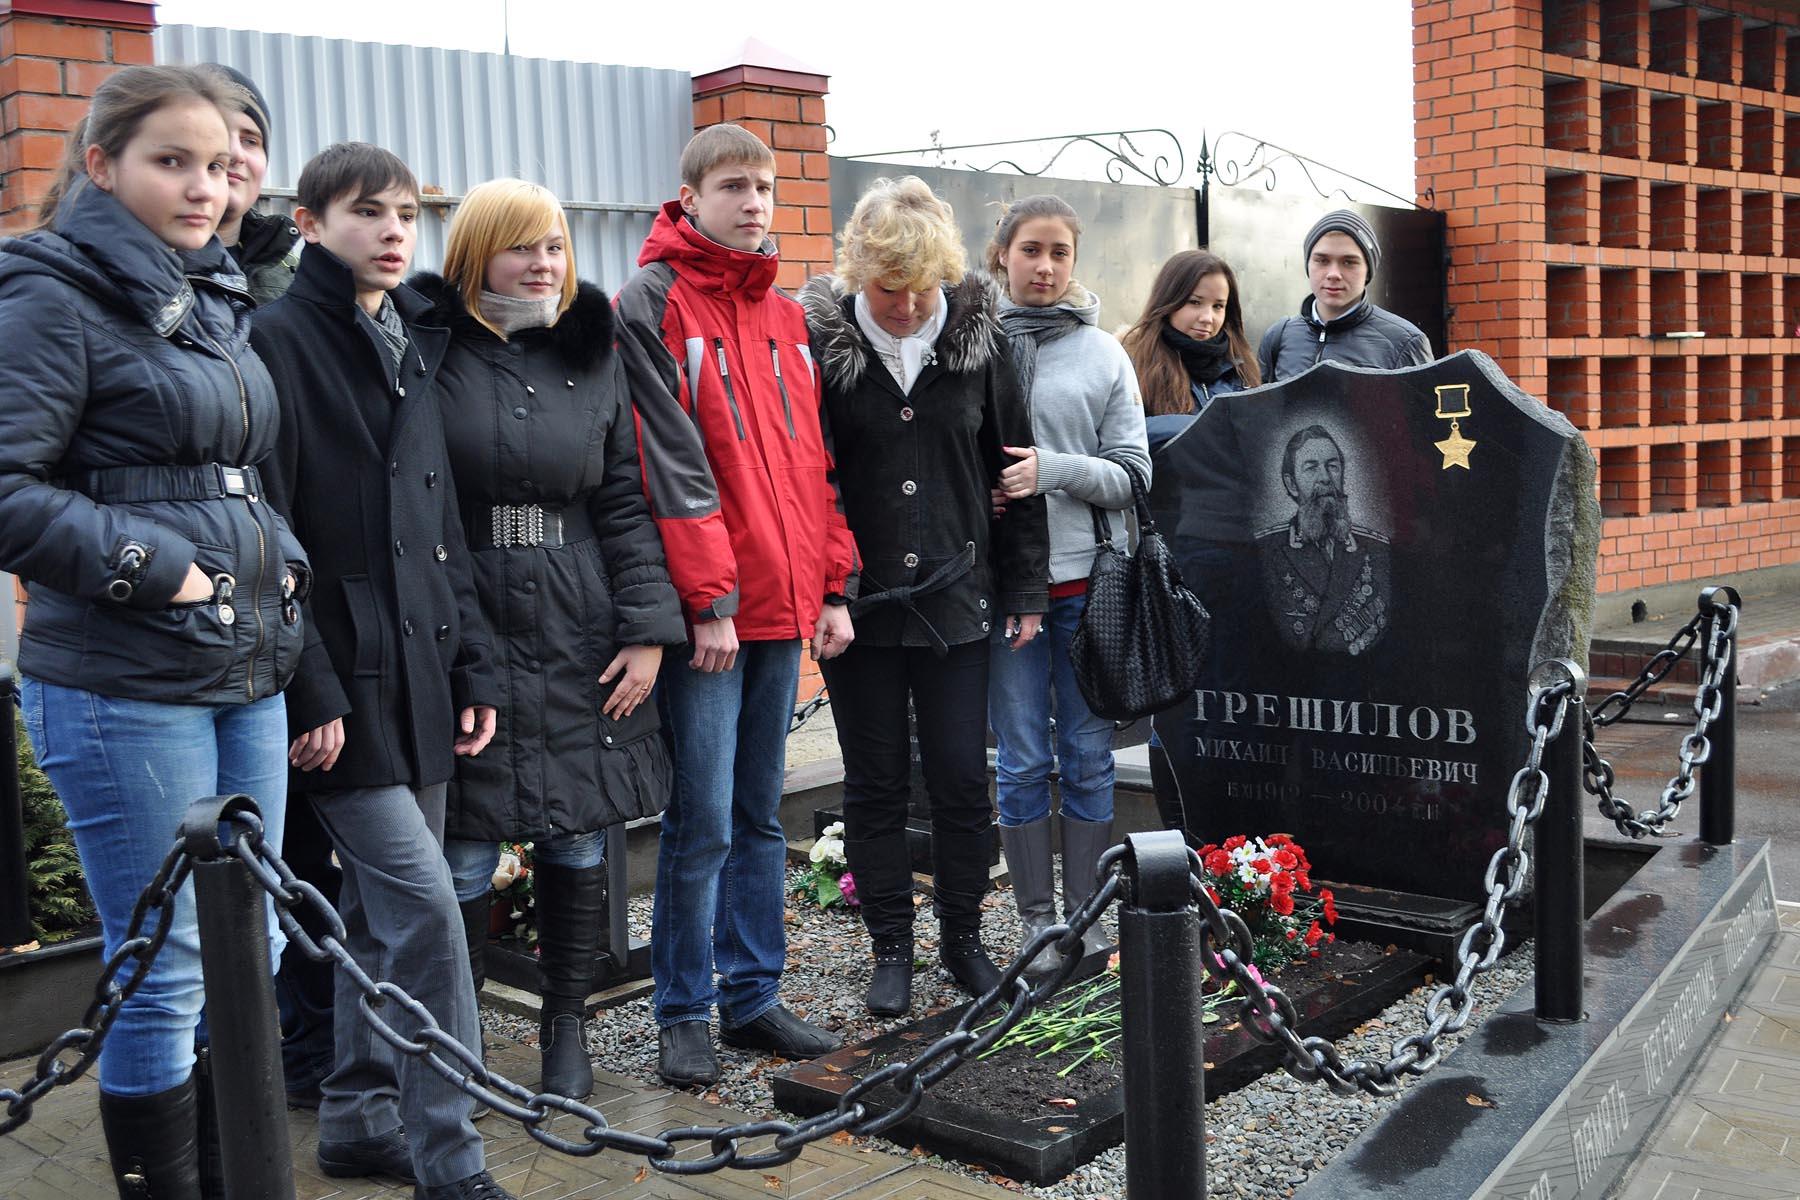 Николай николаевич грешилов его дети фото